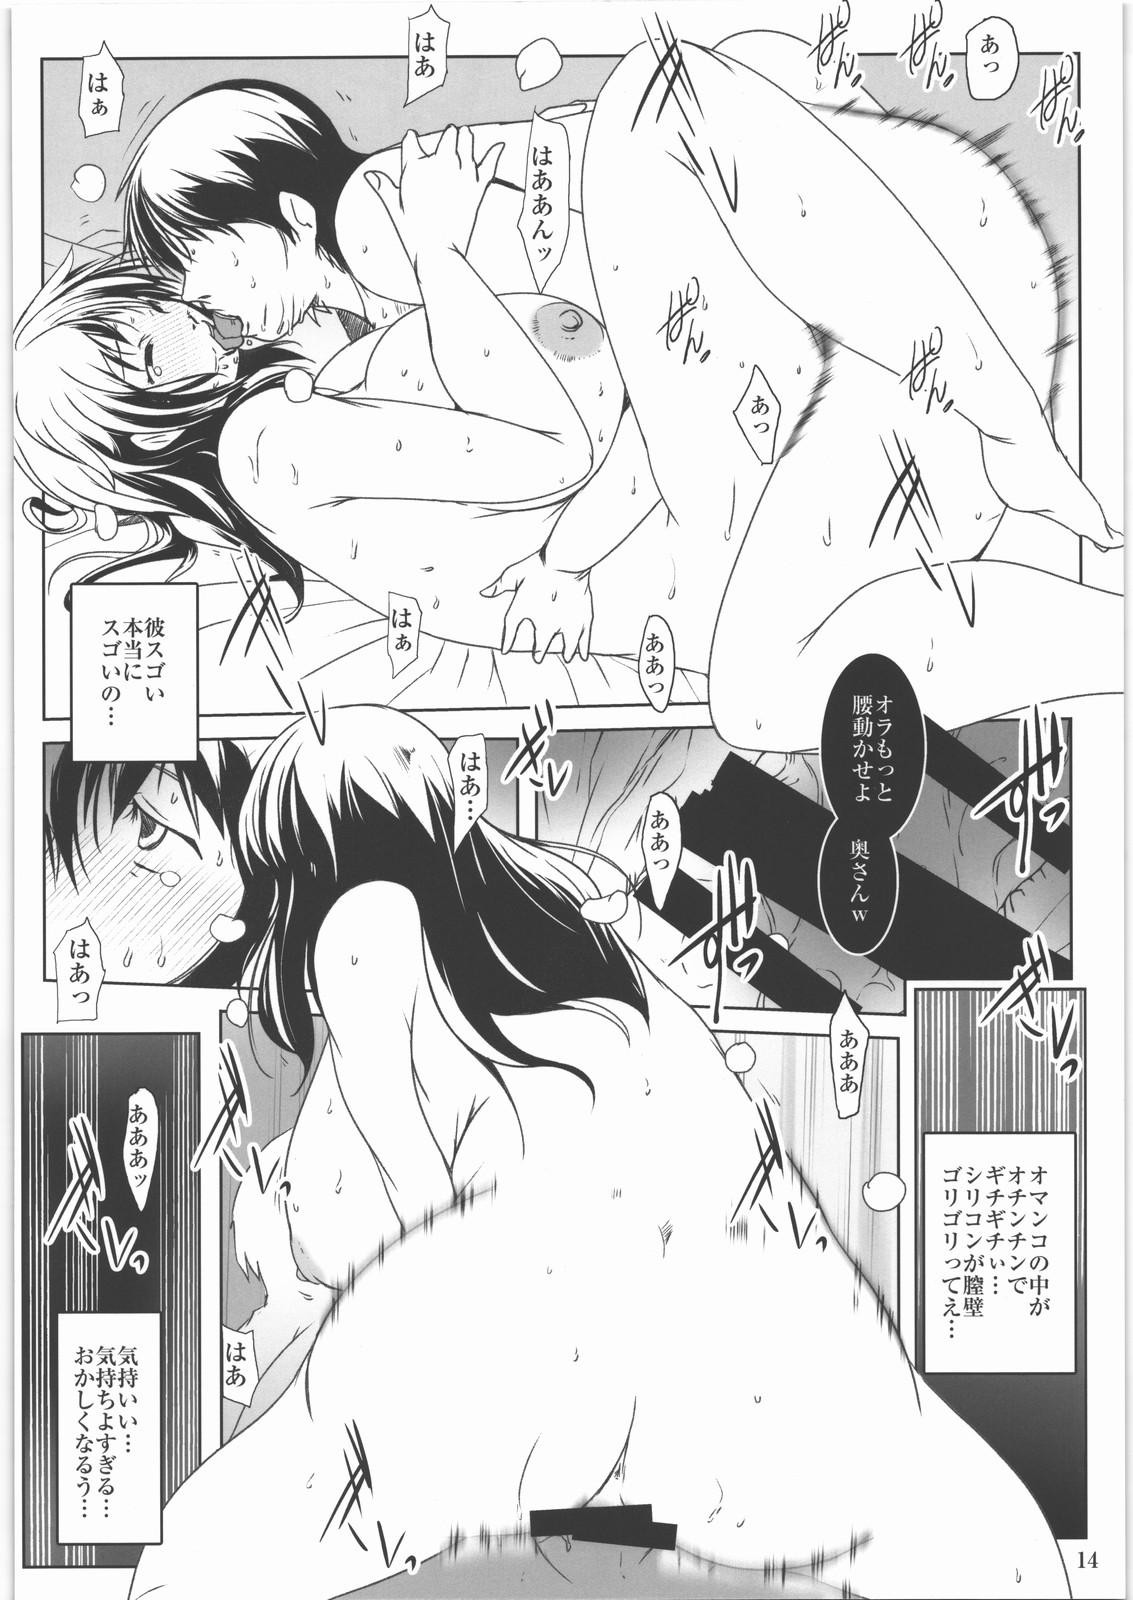 【エロ漫画・エロ同人誌】巨乳人妻から巨乳女子校生までエッチなセフレとのセックスをどぞwwwwwwwwwwwwww (13)